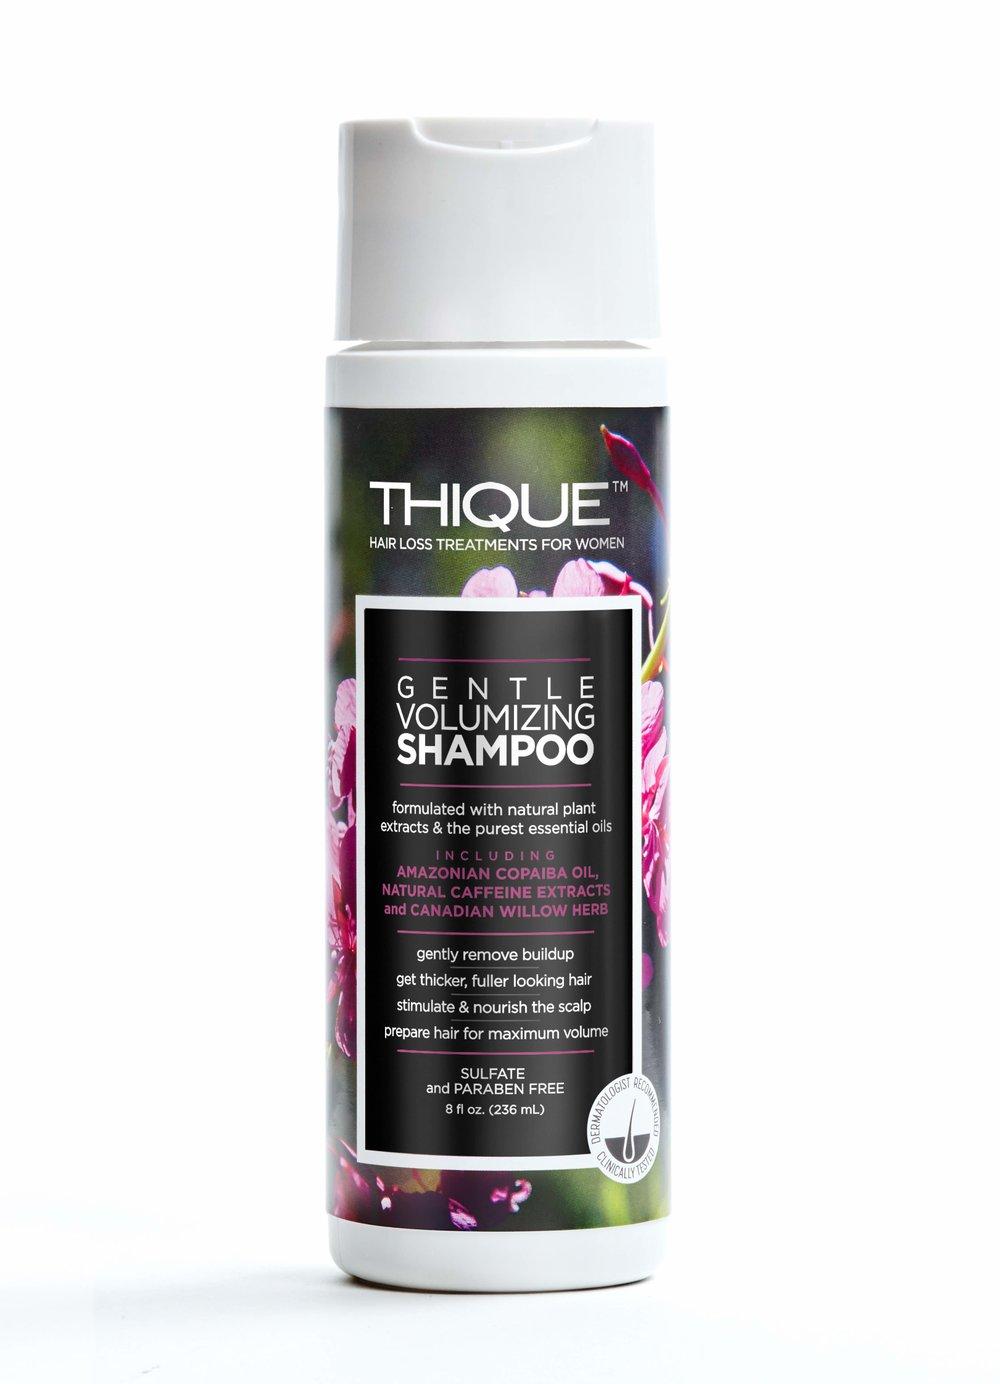 Gentle Volumizing Shampoo